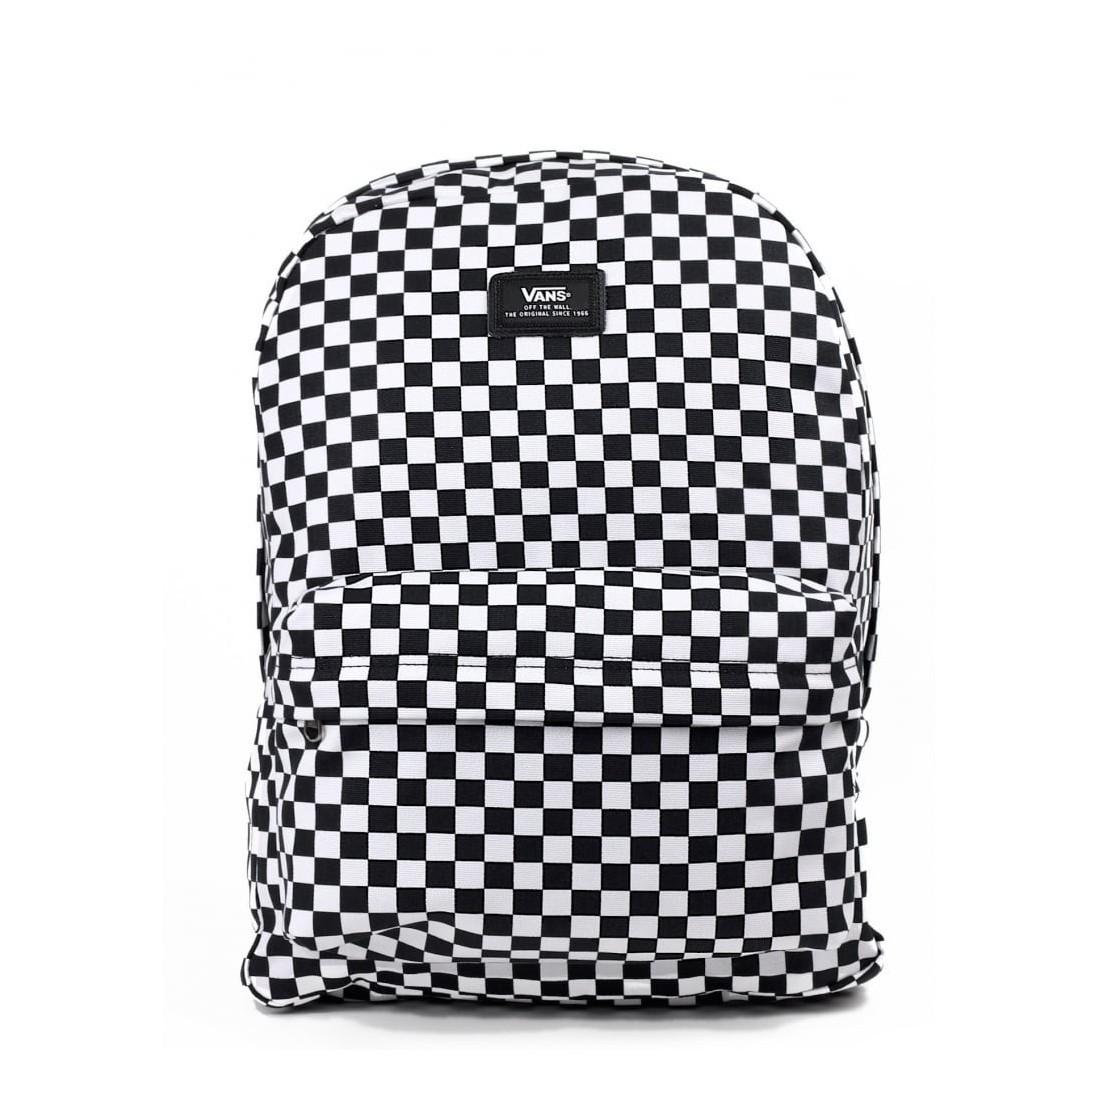 3f9711da0534f Plecak młodzieżowy Vans Old Skool II Black White Check szachownica ...